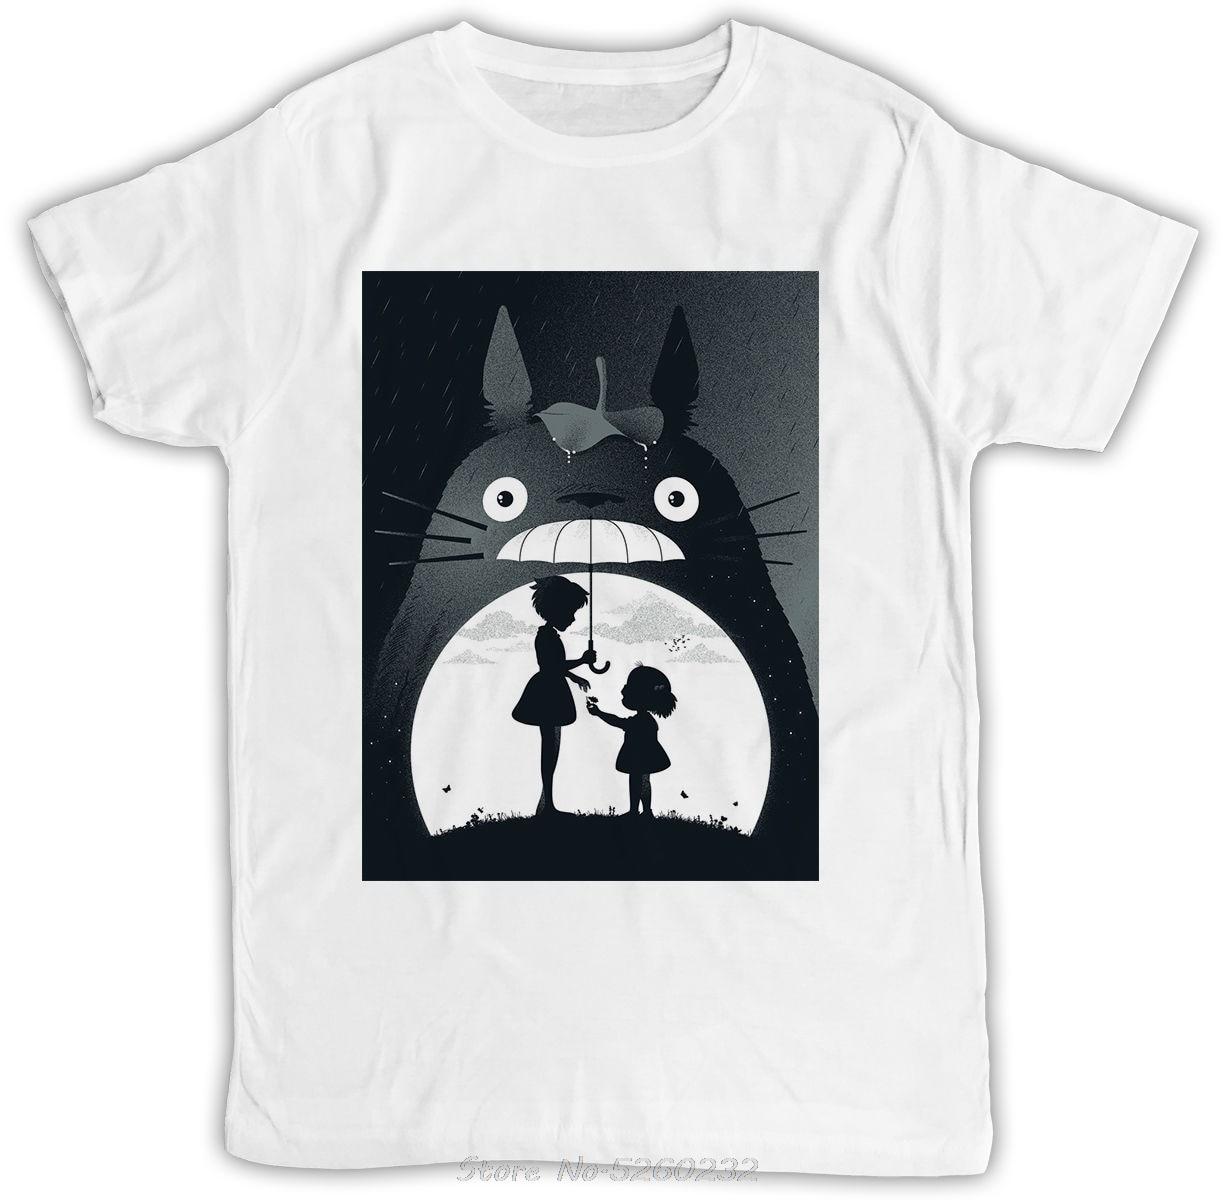 Póster de Totoro mi vecino IDEAL regalo de cumpleaños regalo fresco RETRO divertida camiseta suelta de algodón camisetas para hombres COOL camisetas